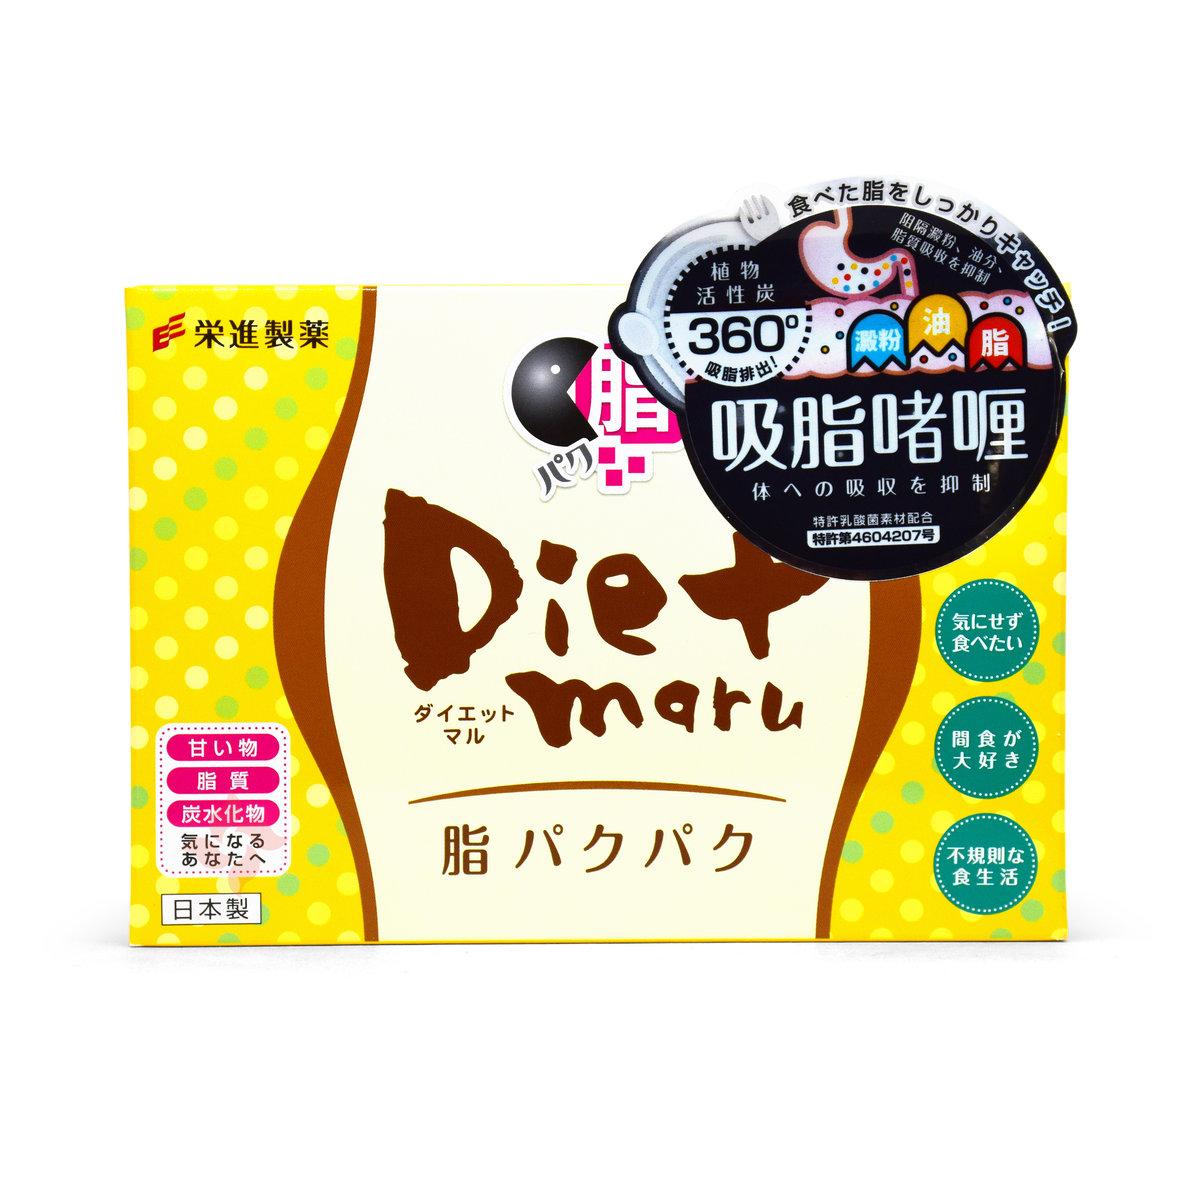 Diet Maru Jelly 12g x 10pcs (4560184394228)